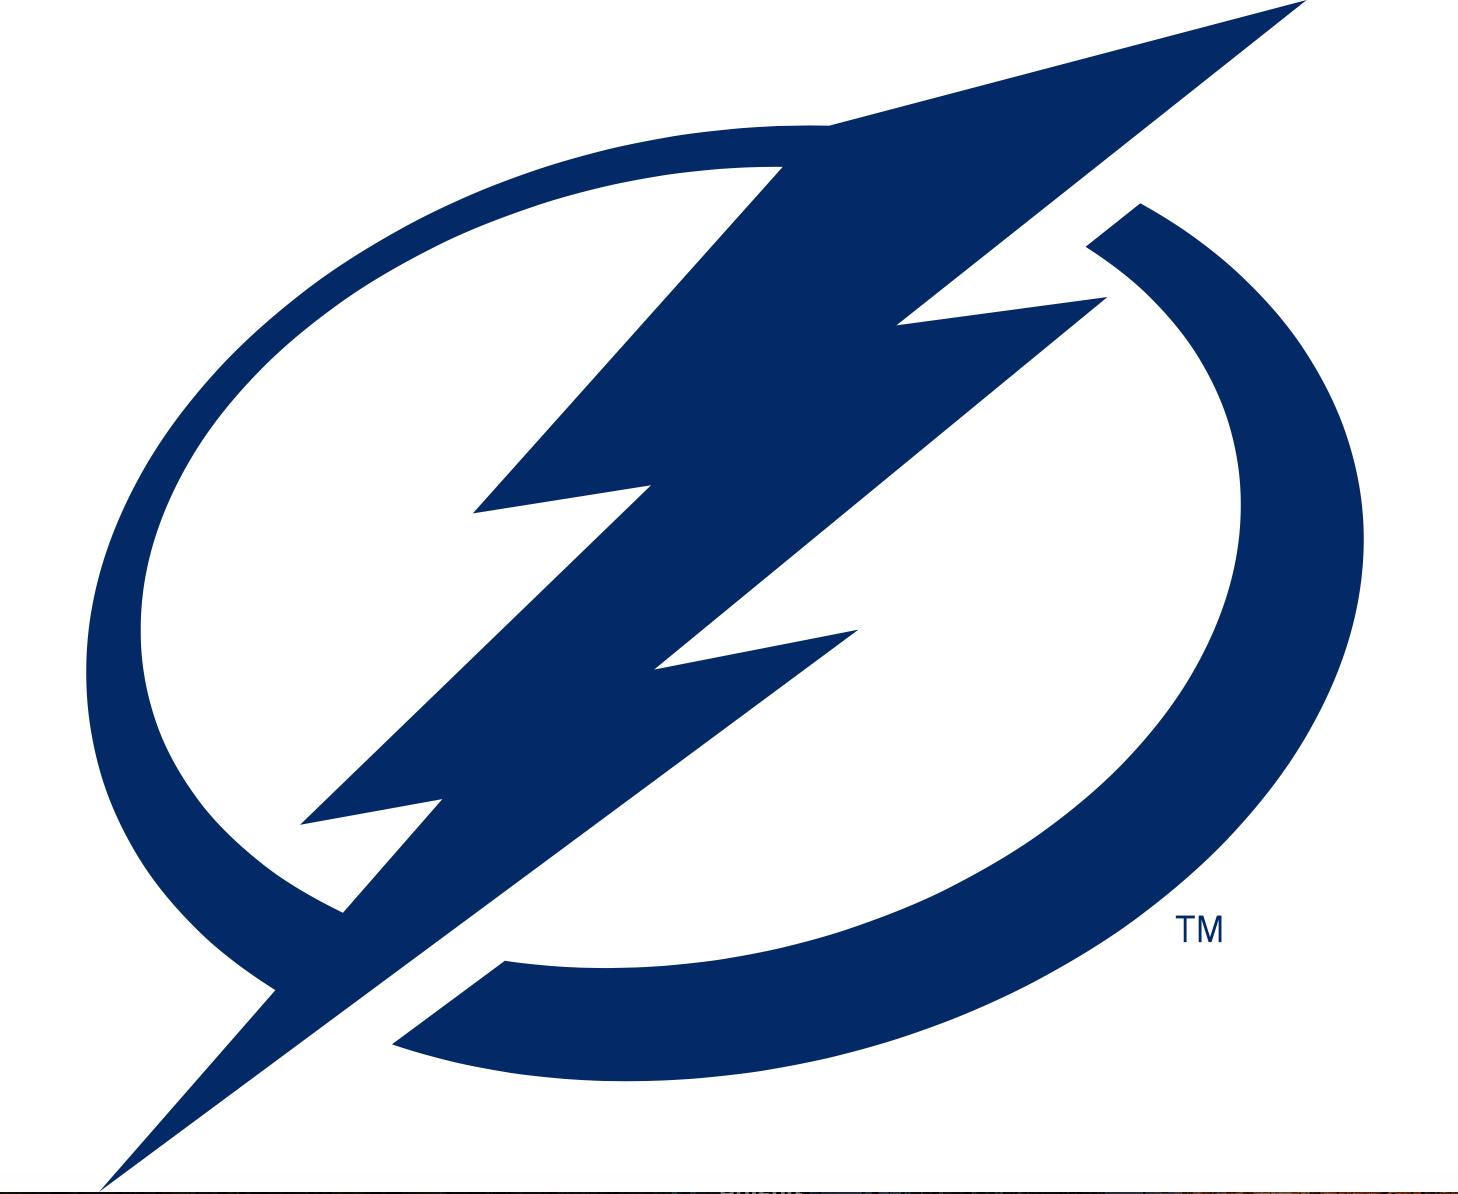 Tampa Bay Lightning (Photo:Tampa Bay Lightning